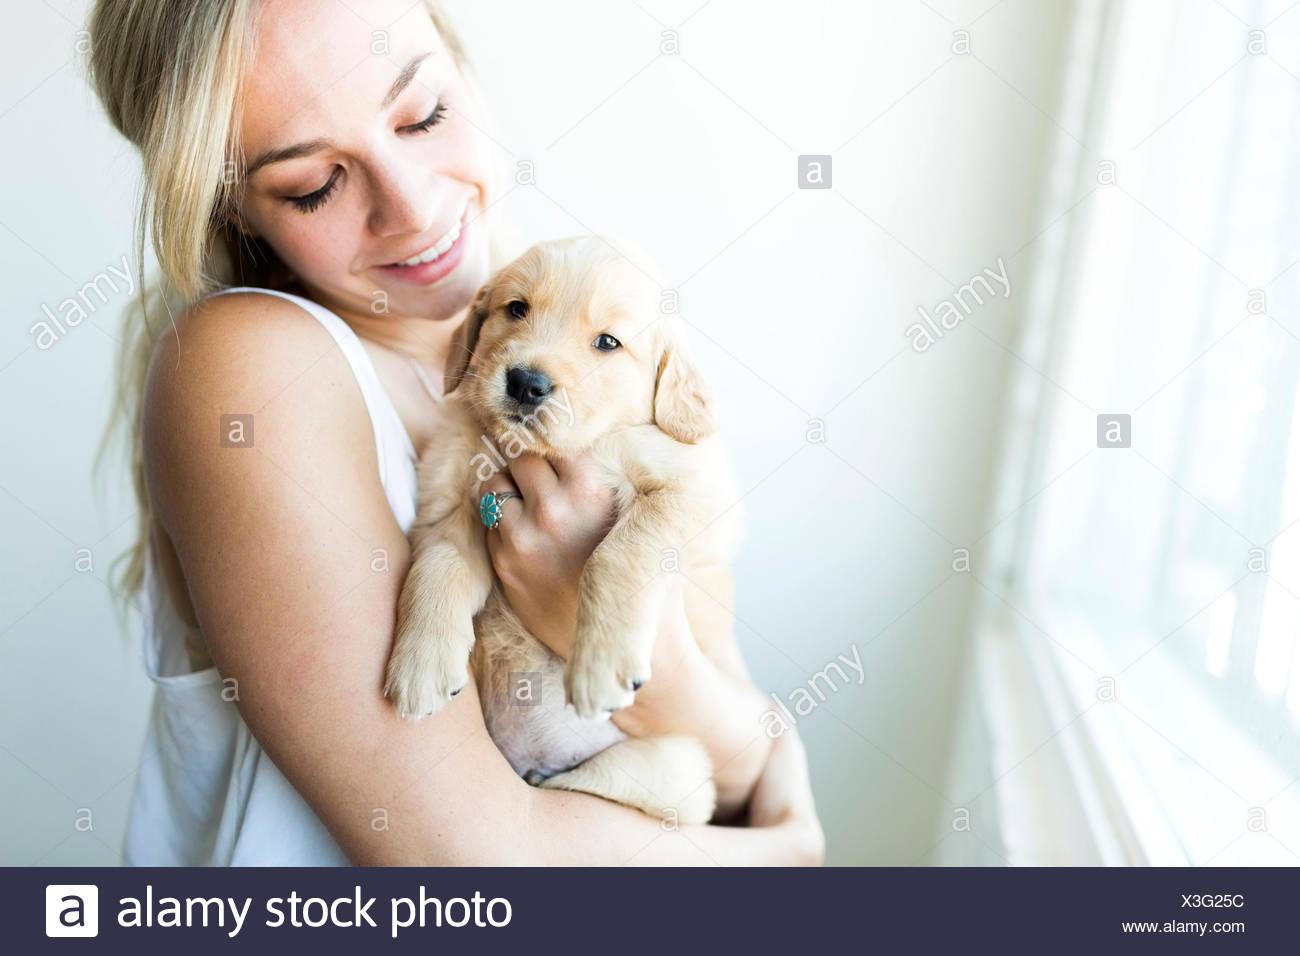 Mujer sosteniendo cachorro golden retriever Imagen De Stock